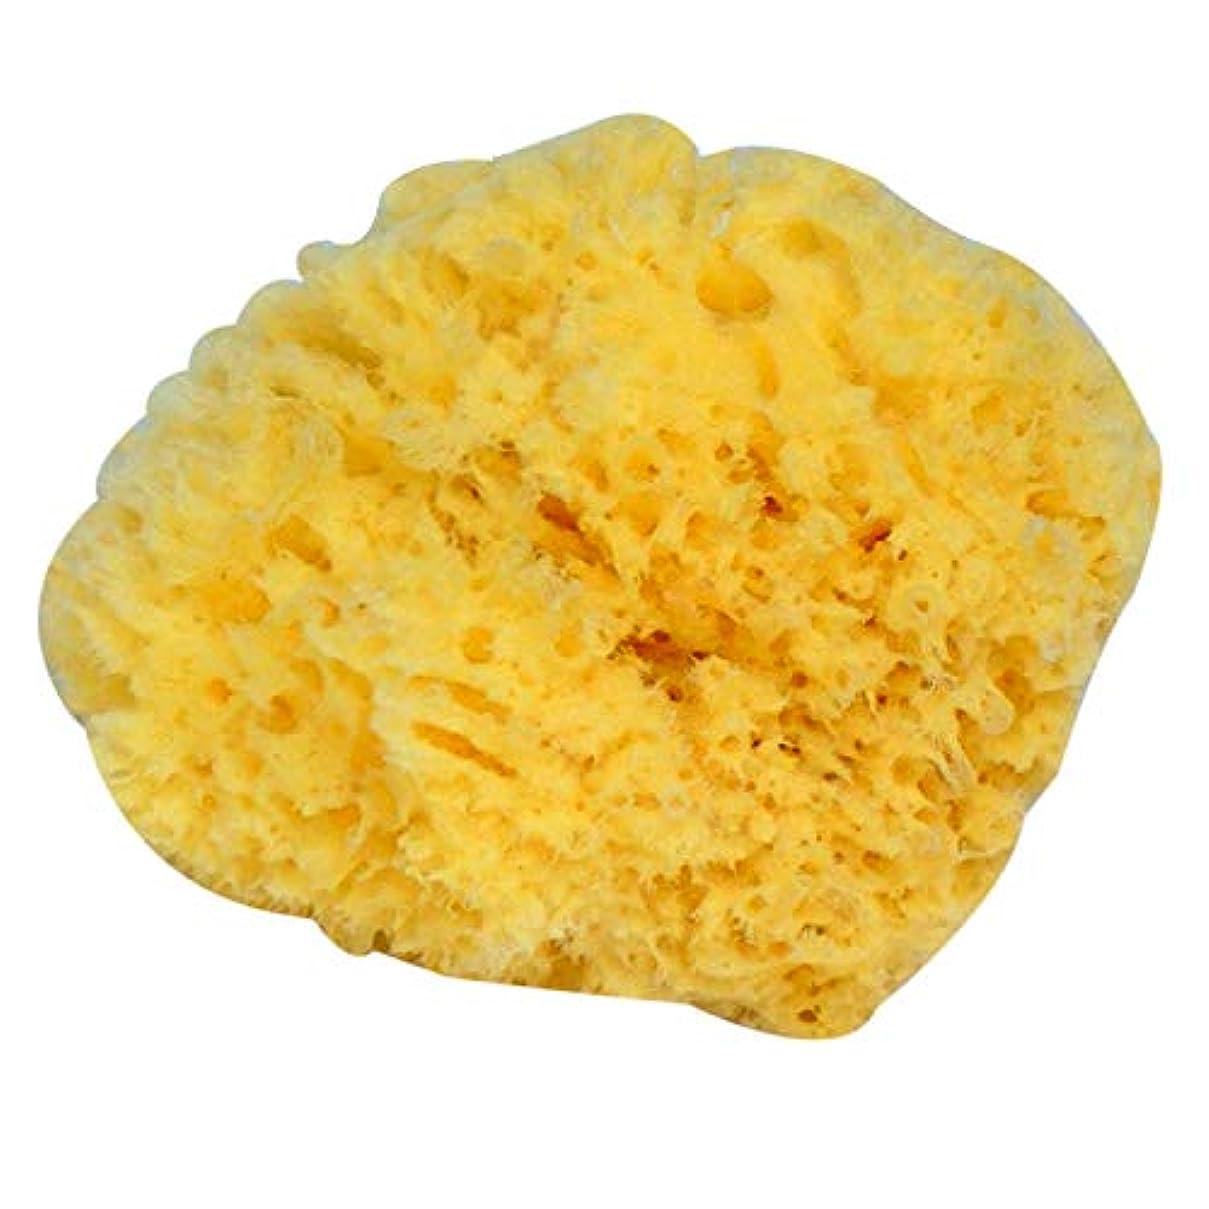 寄生虫カジュアル時々時々SODIAL 自然な黄色い海草のスポンジ。 お風呂、シャワー、ボディケア用。柔らかく荒いが、皮膚を刺激しない。